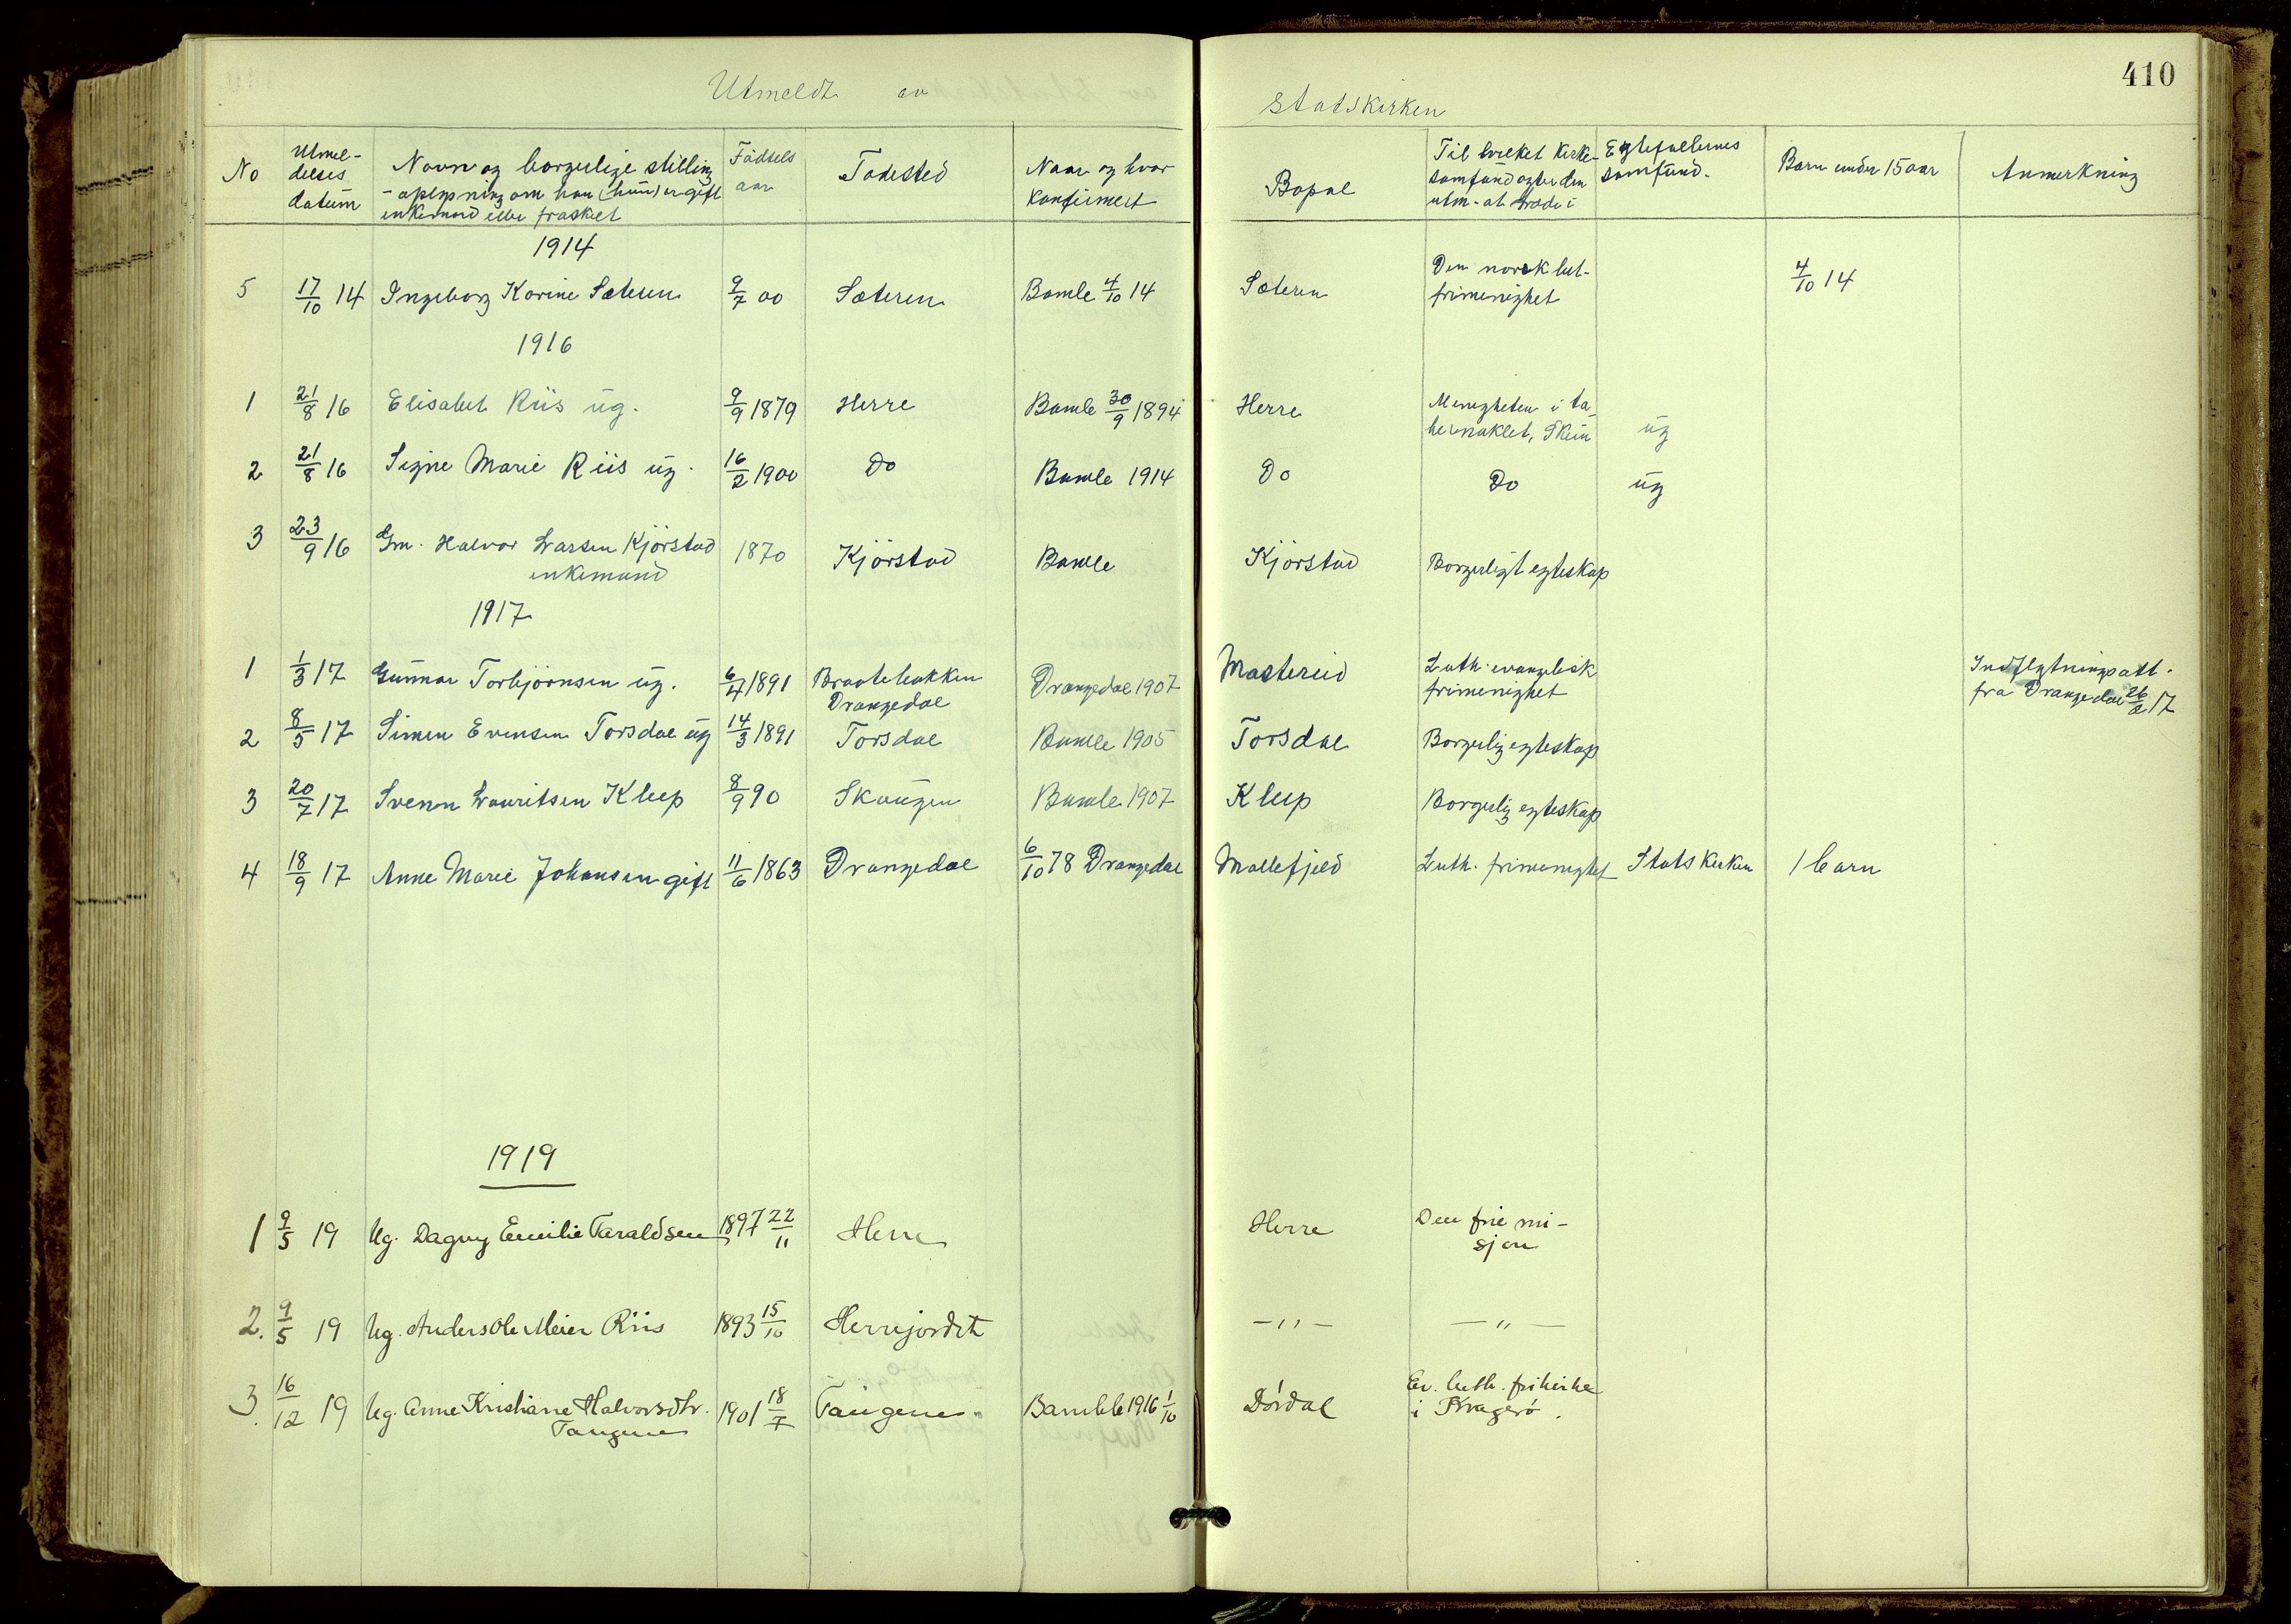 SAKO, Bamble kirkebøker, G/Ga/L0010: Klokkerbok nr. I 10, 1901-1919, s. 410